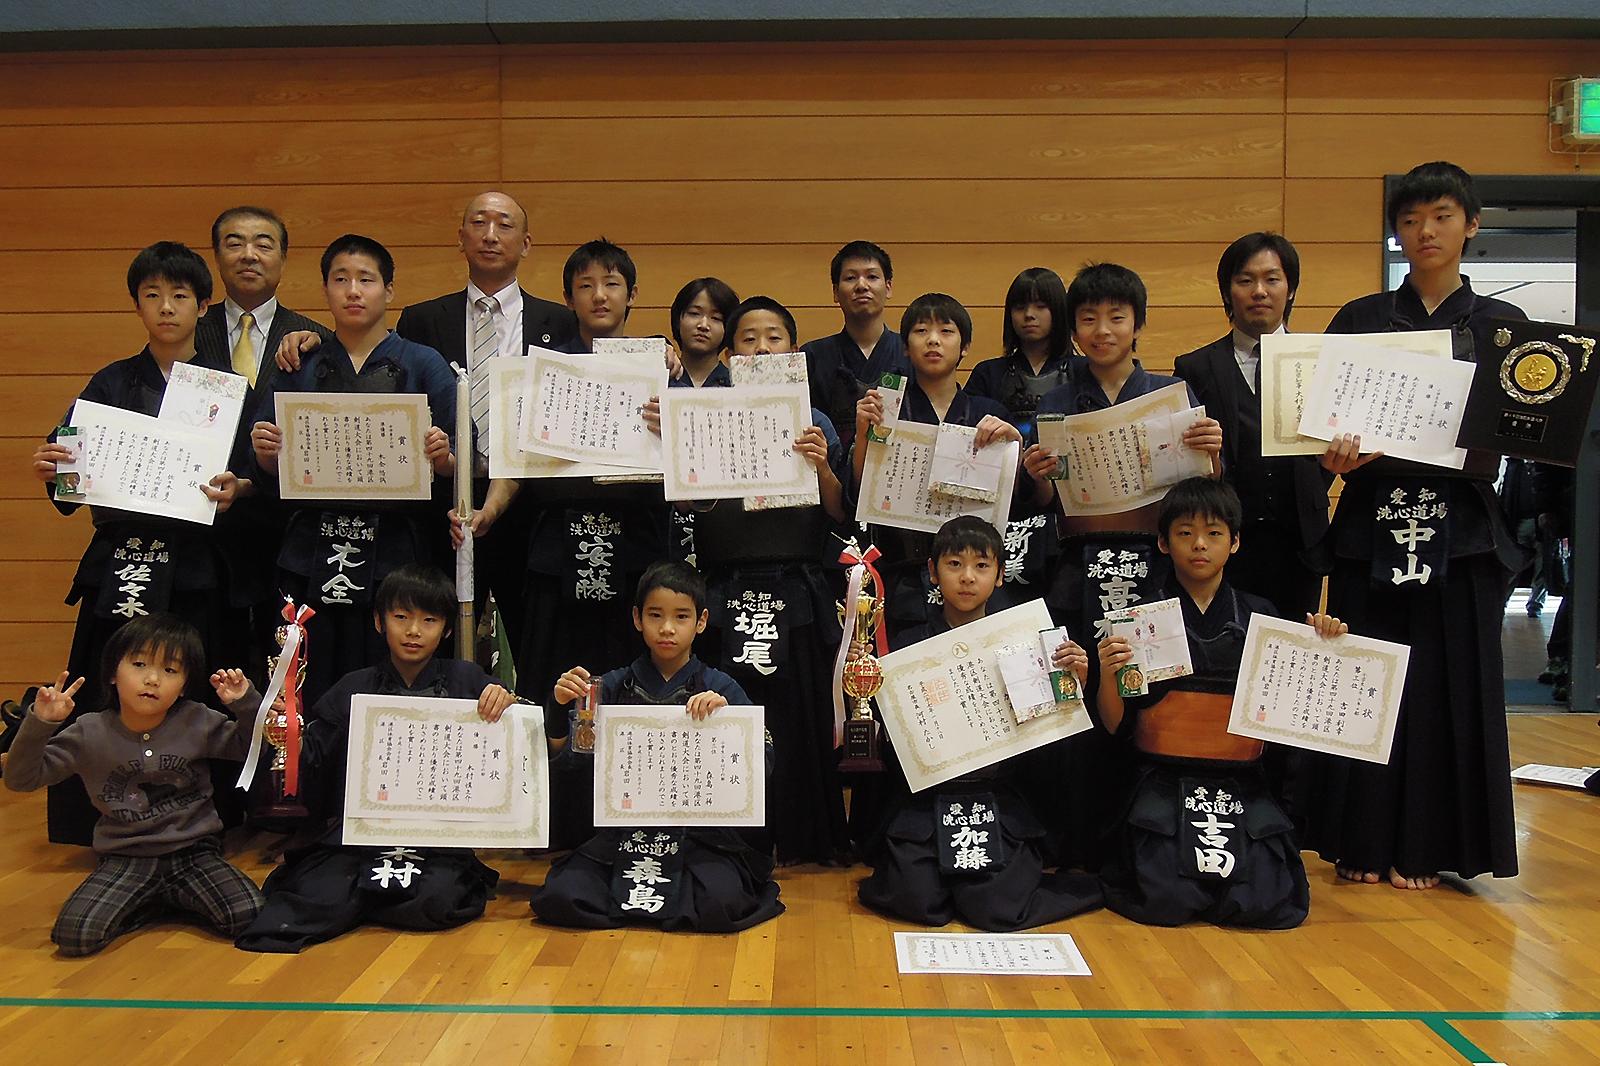 第49回港区剣道大会